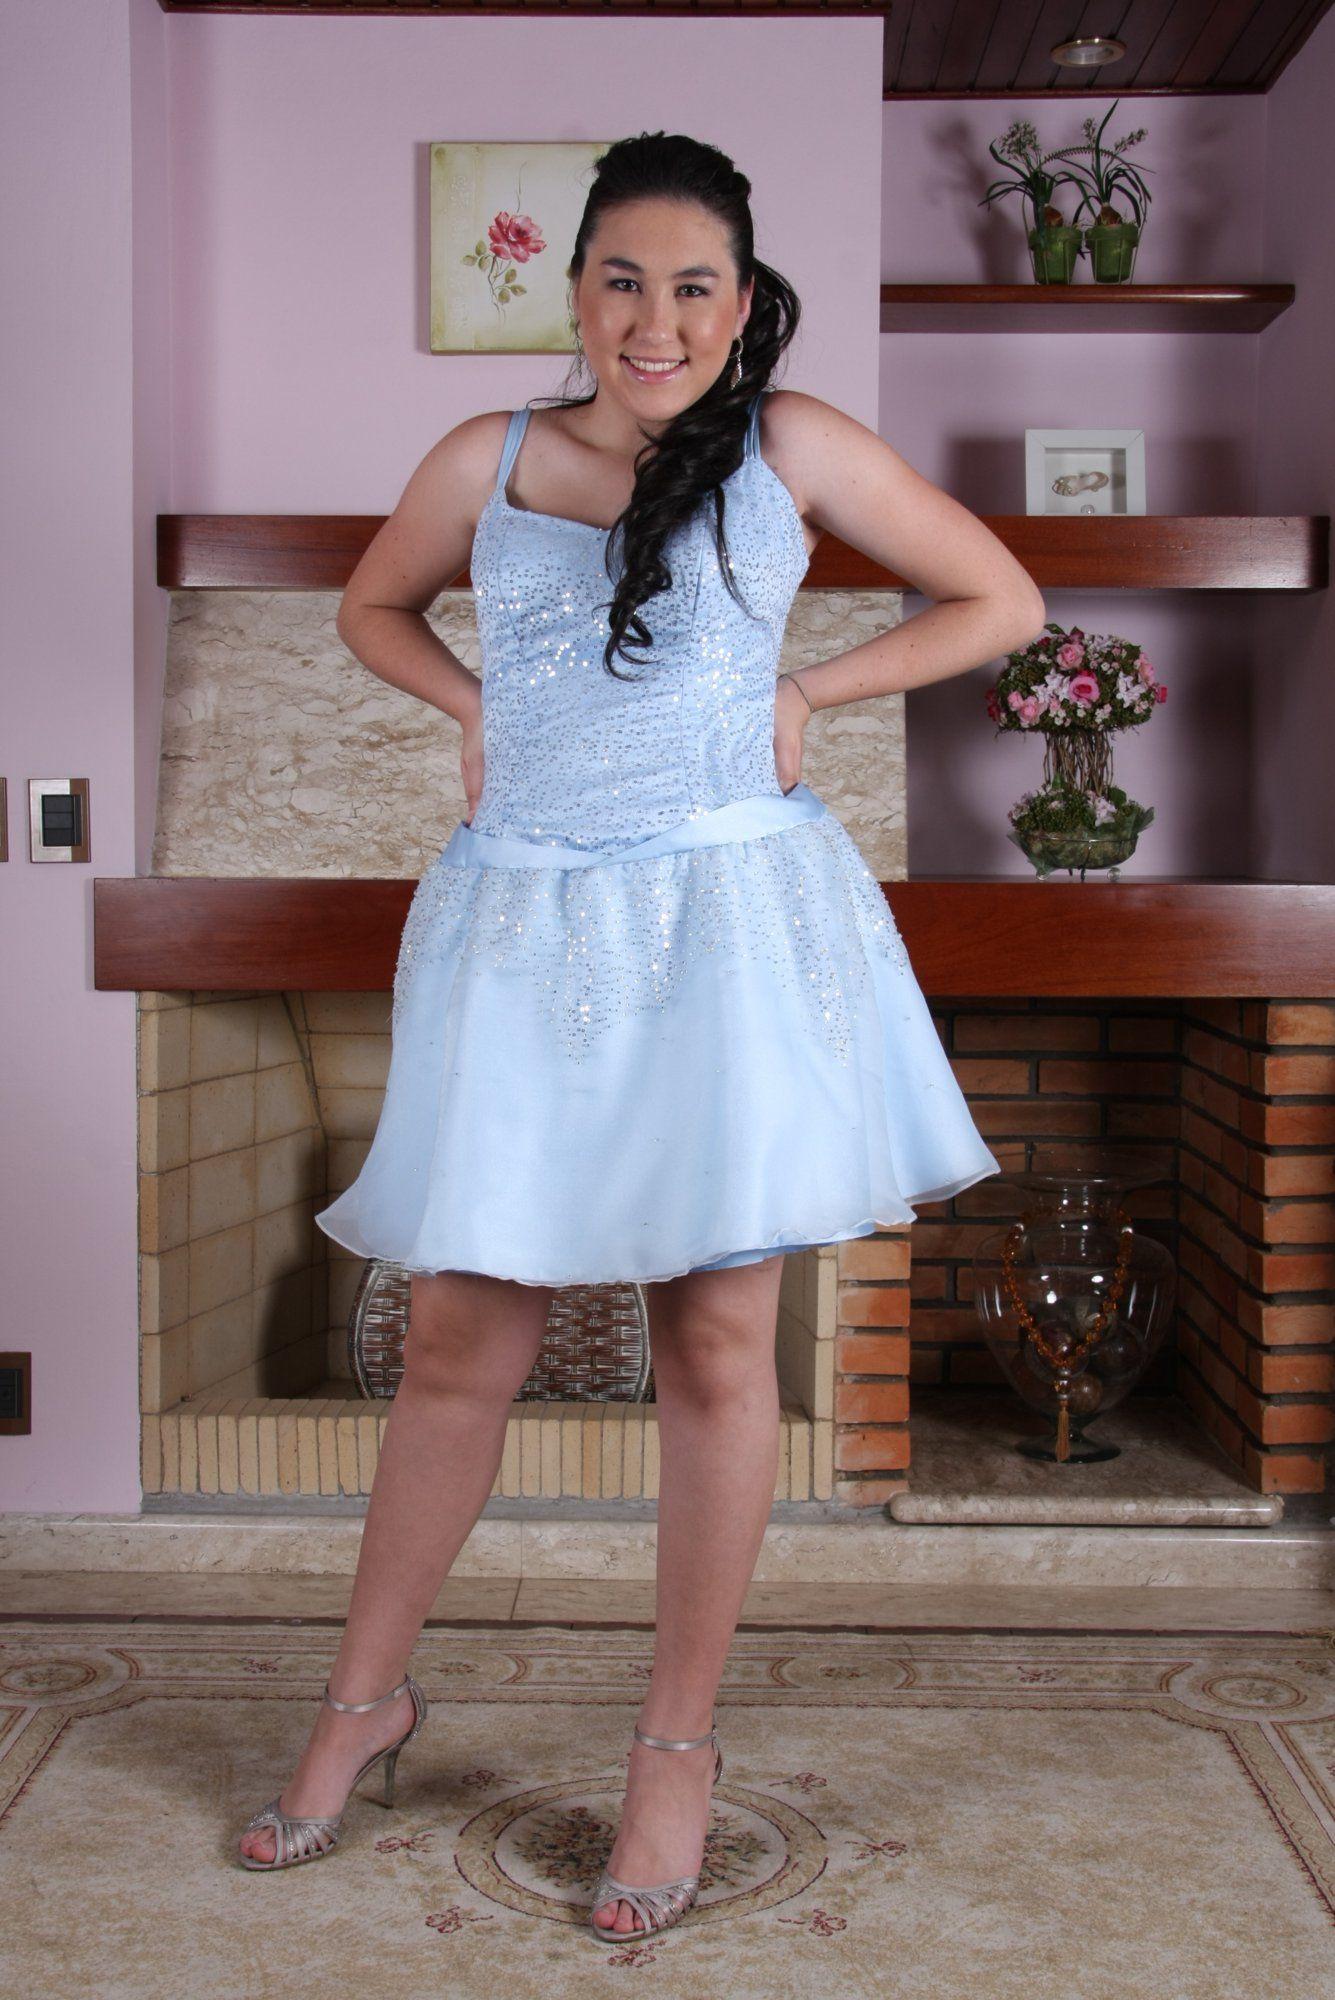 Vestido de Debutante Azul - 14 - Hipnose Alta Costura e Spa para Noivas e Noivos - Campinas - SP Vestido de Debutante, Vestido de Debutante Azul, Hipnose Alta Costura